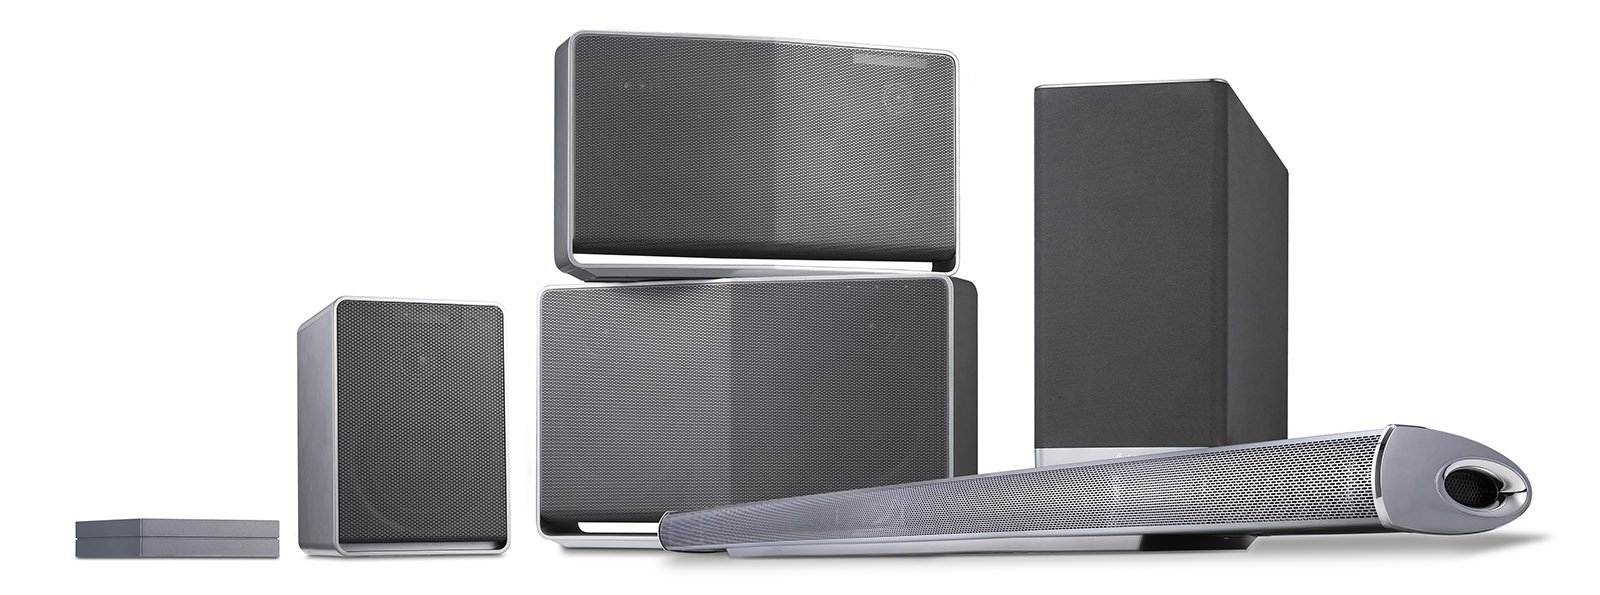 Casse audio per l 39 impianto stereo cose di casa - Impianto stereo casa prezzi ...